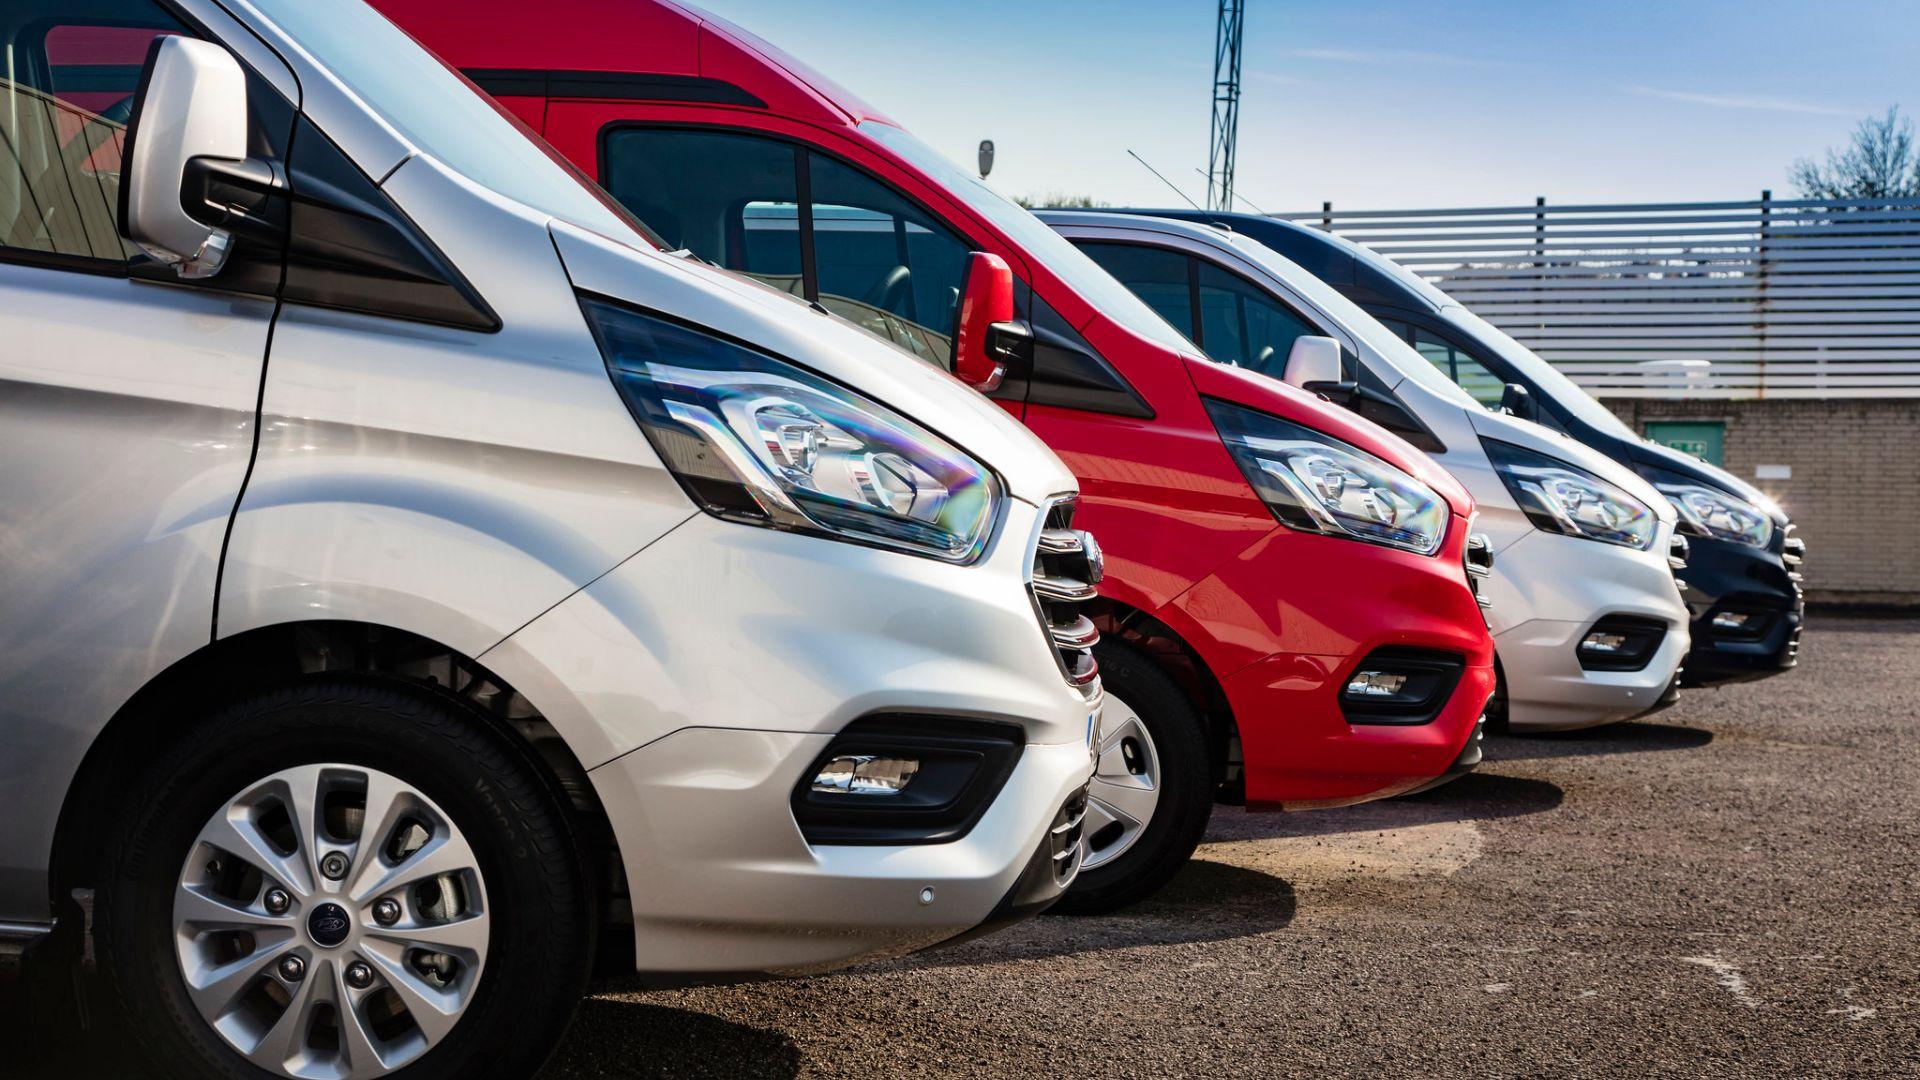 Van drivers facing parking crisis